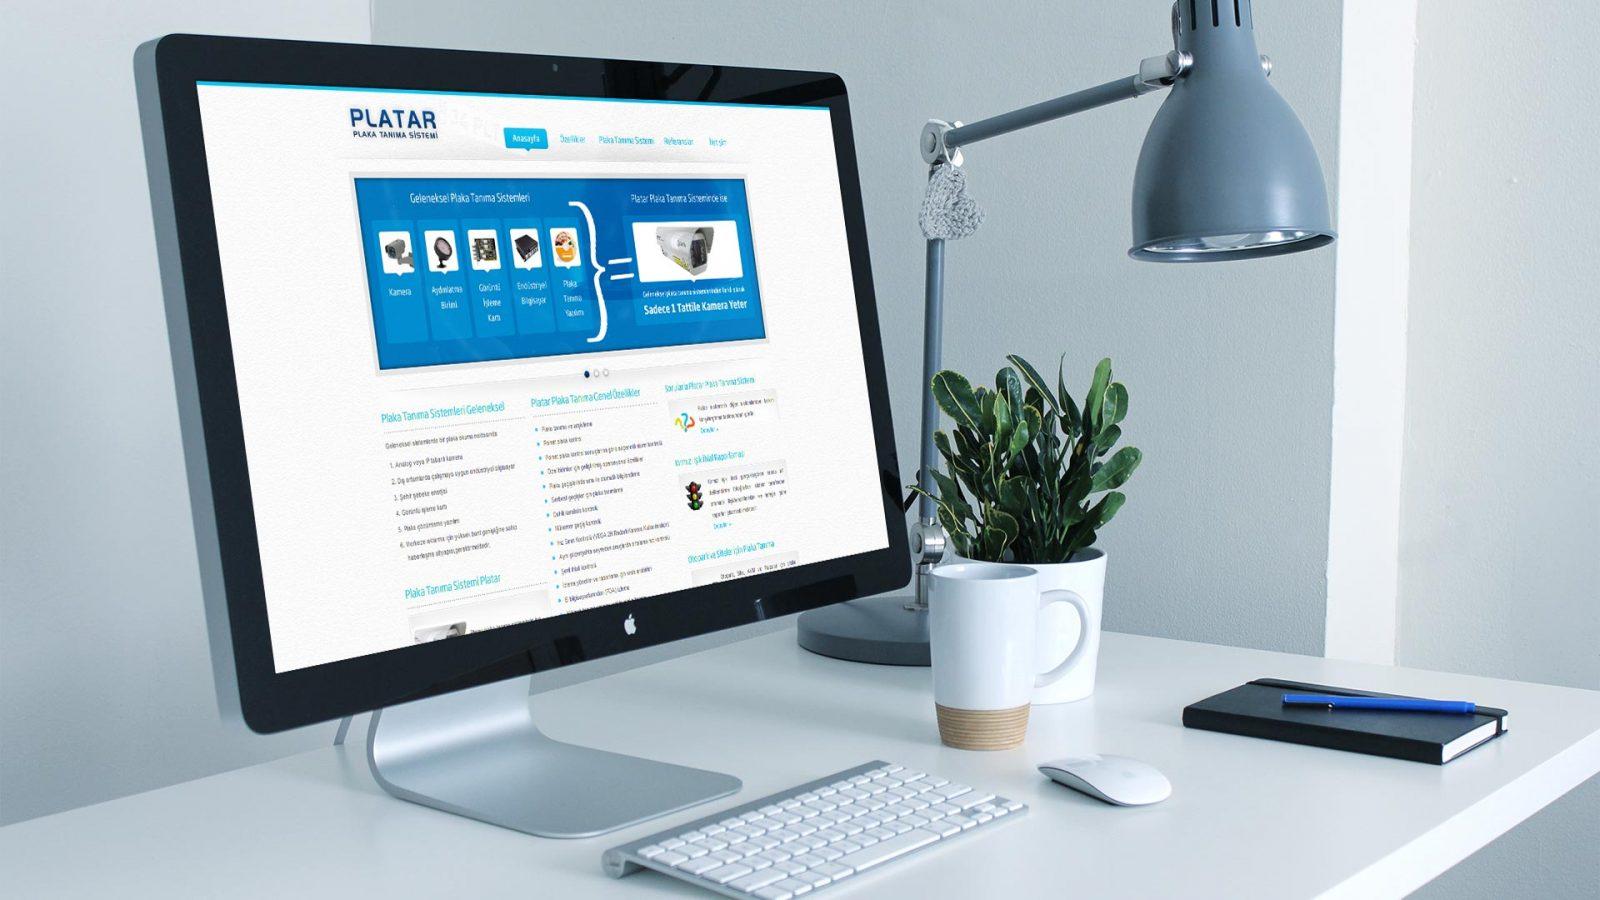 platar web sitesi tasarımı 03